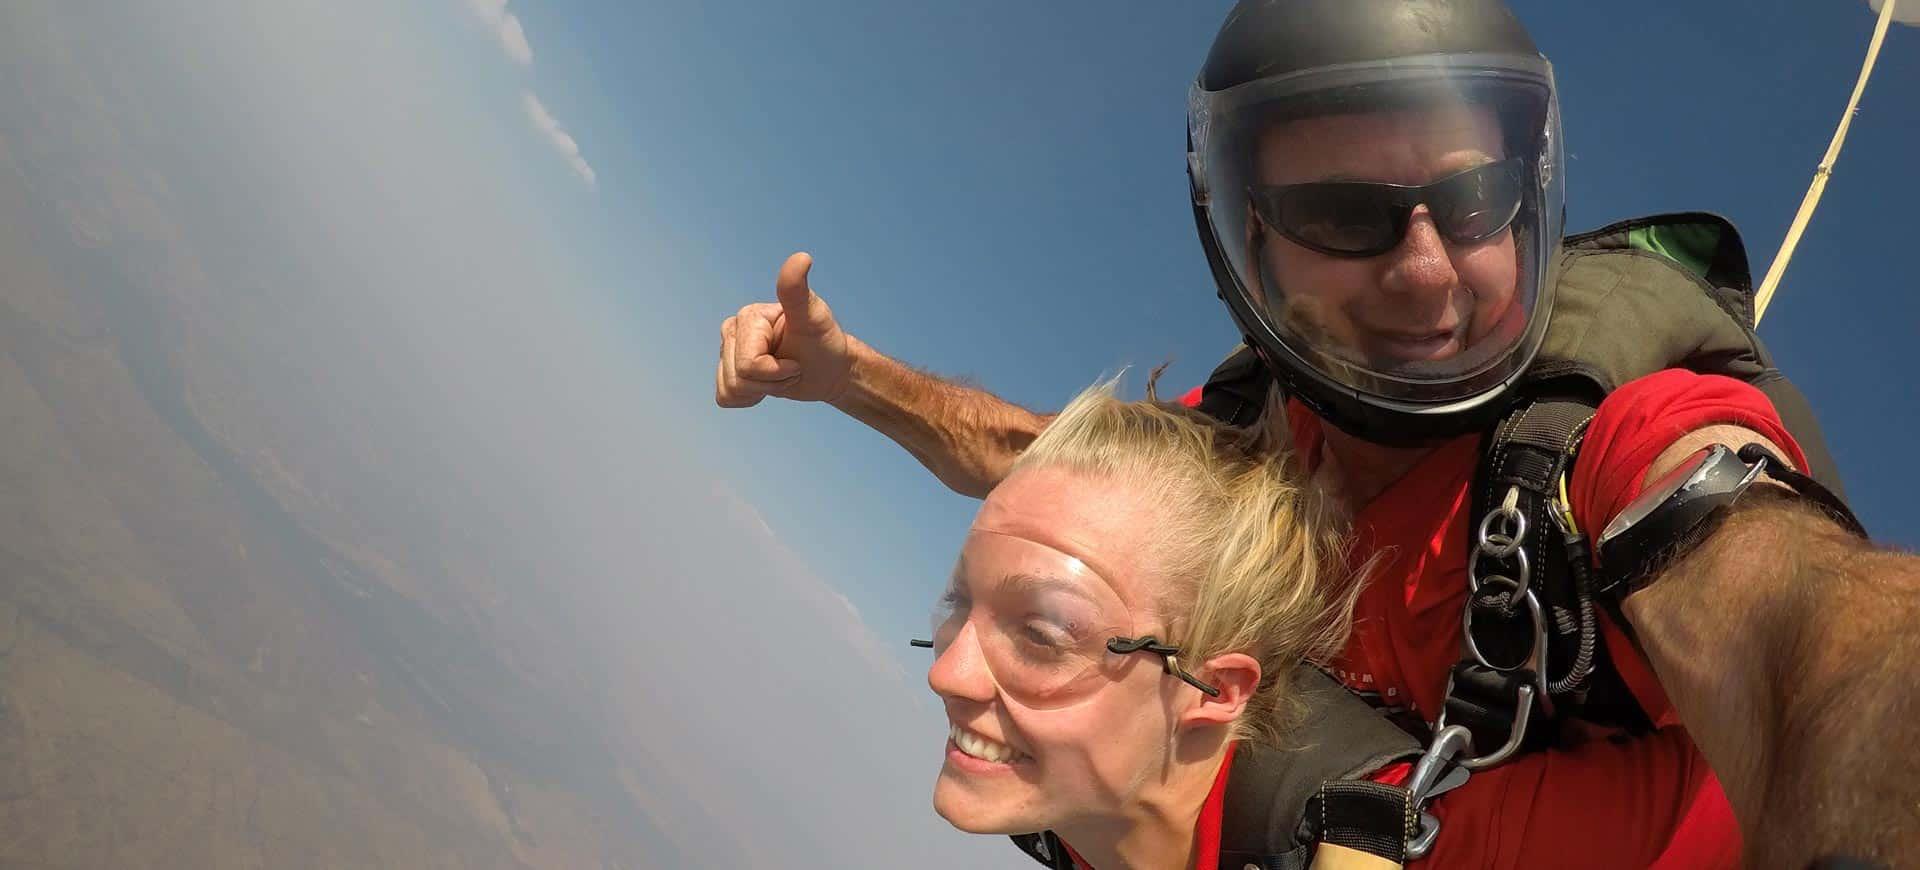 Victoria Falls Skydiving